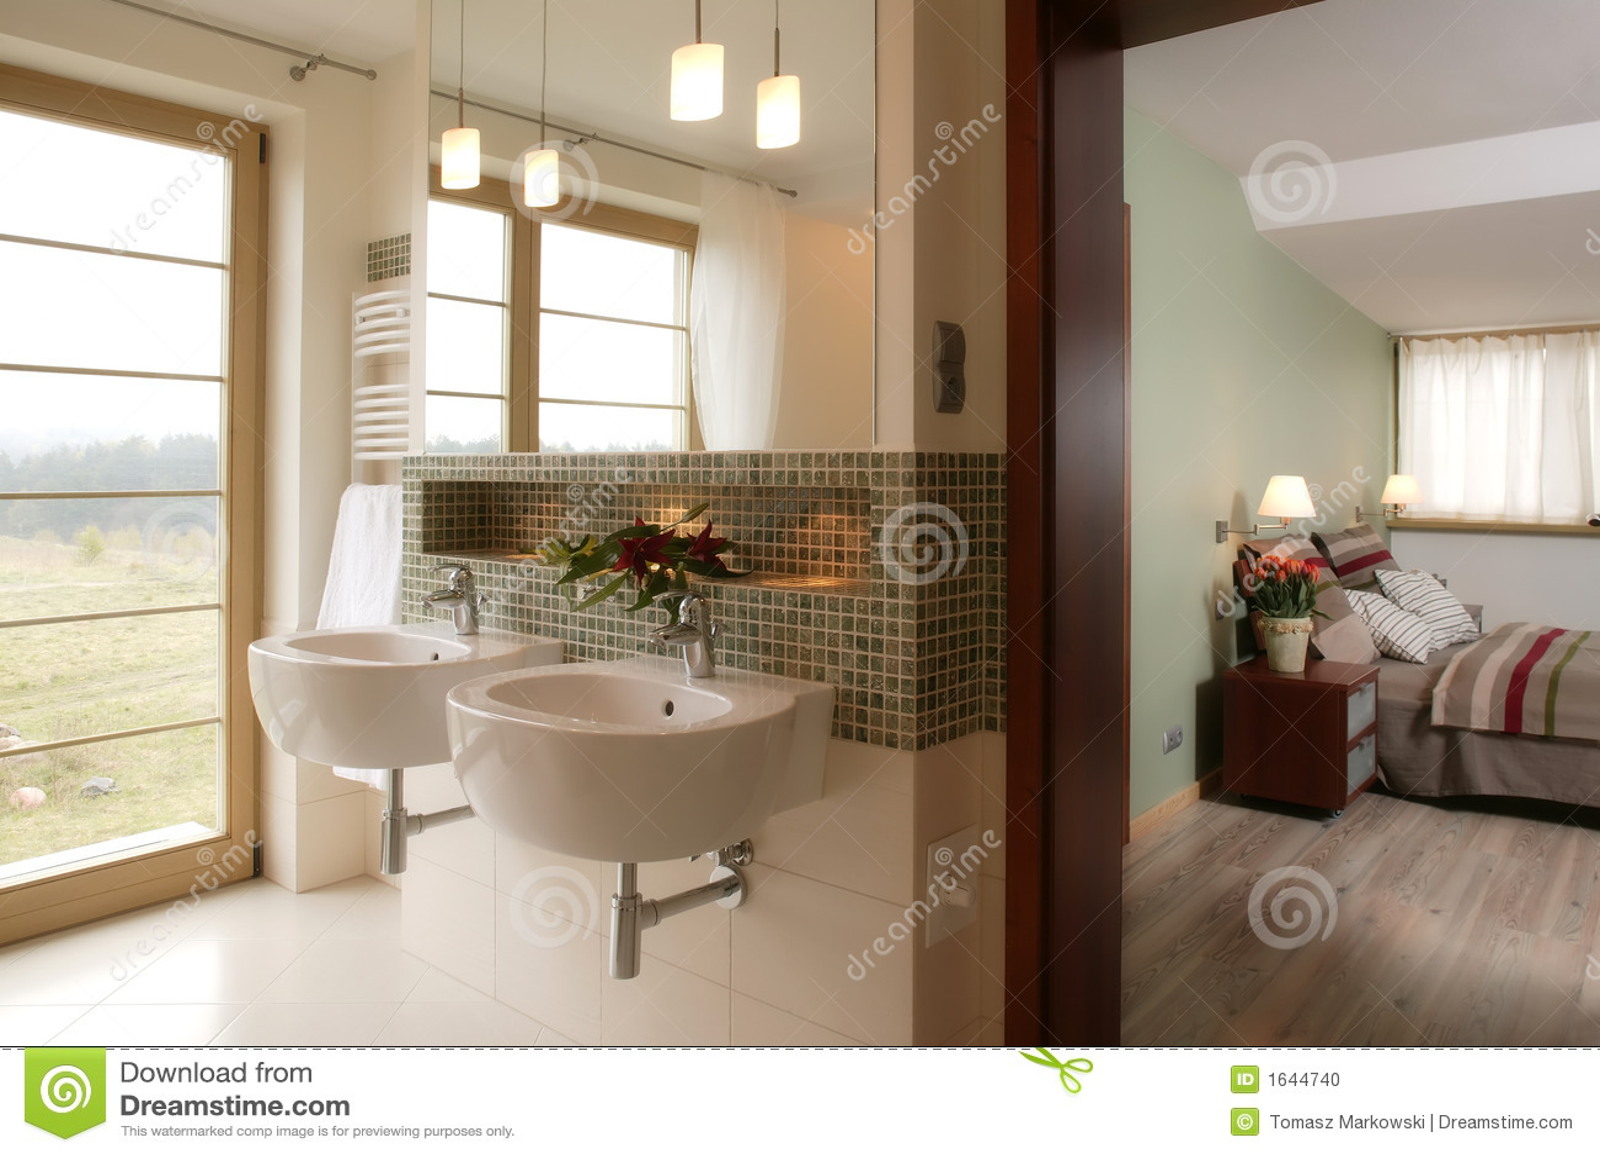 Stanza Da Bagno E Camera Da Letto Alla Moda Fotografia Stock - Immagine: 1644740